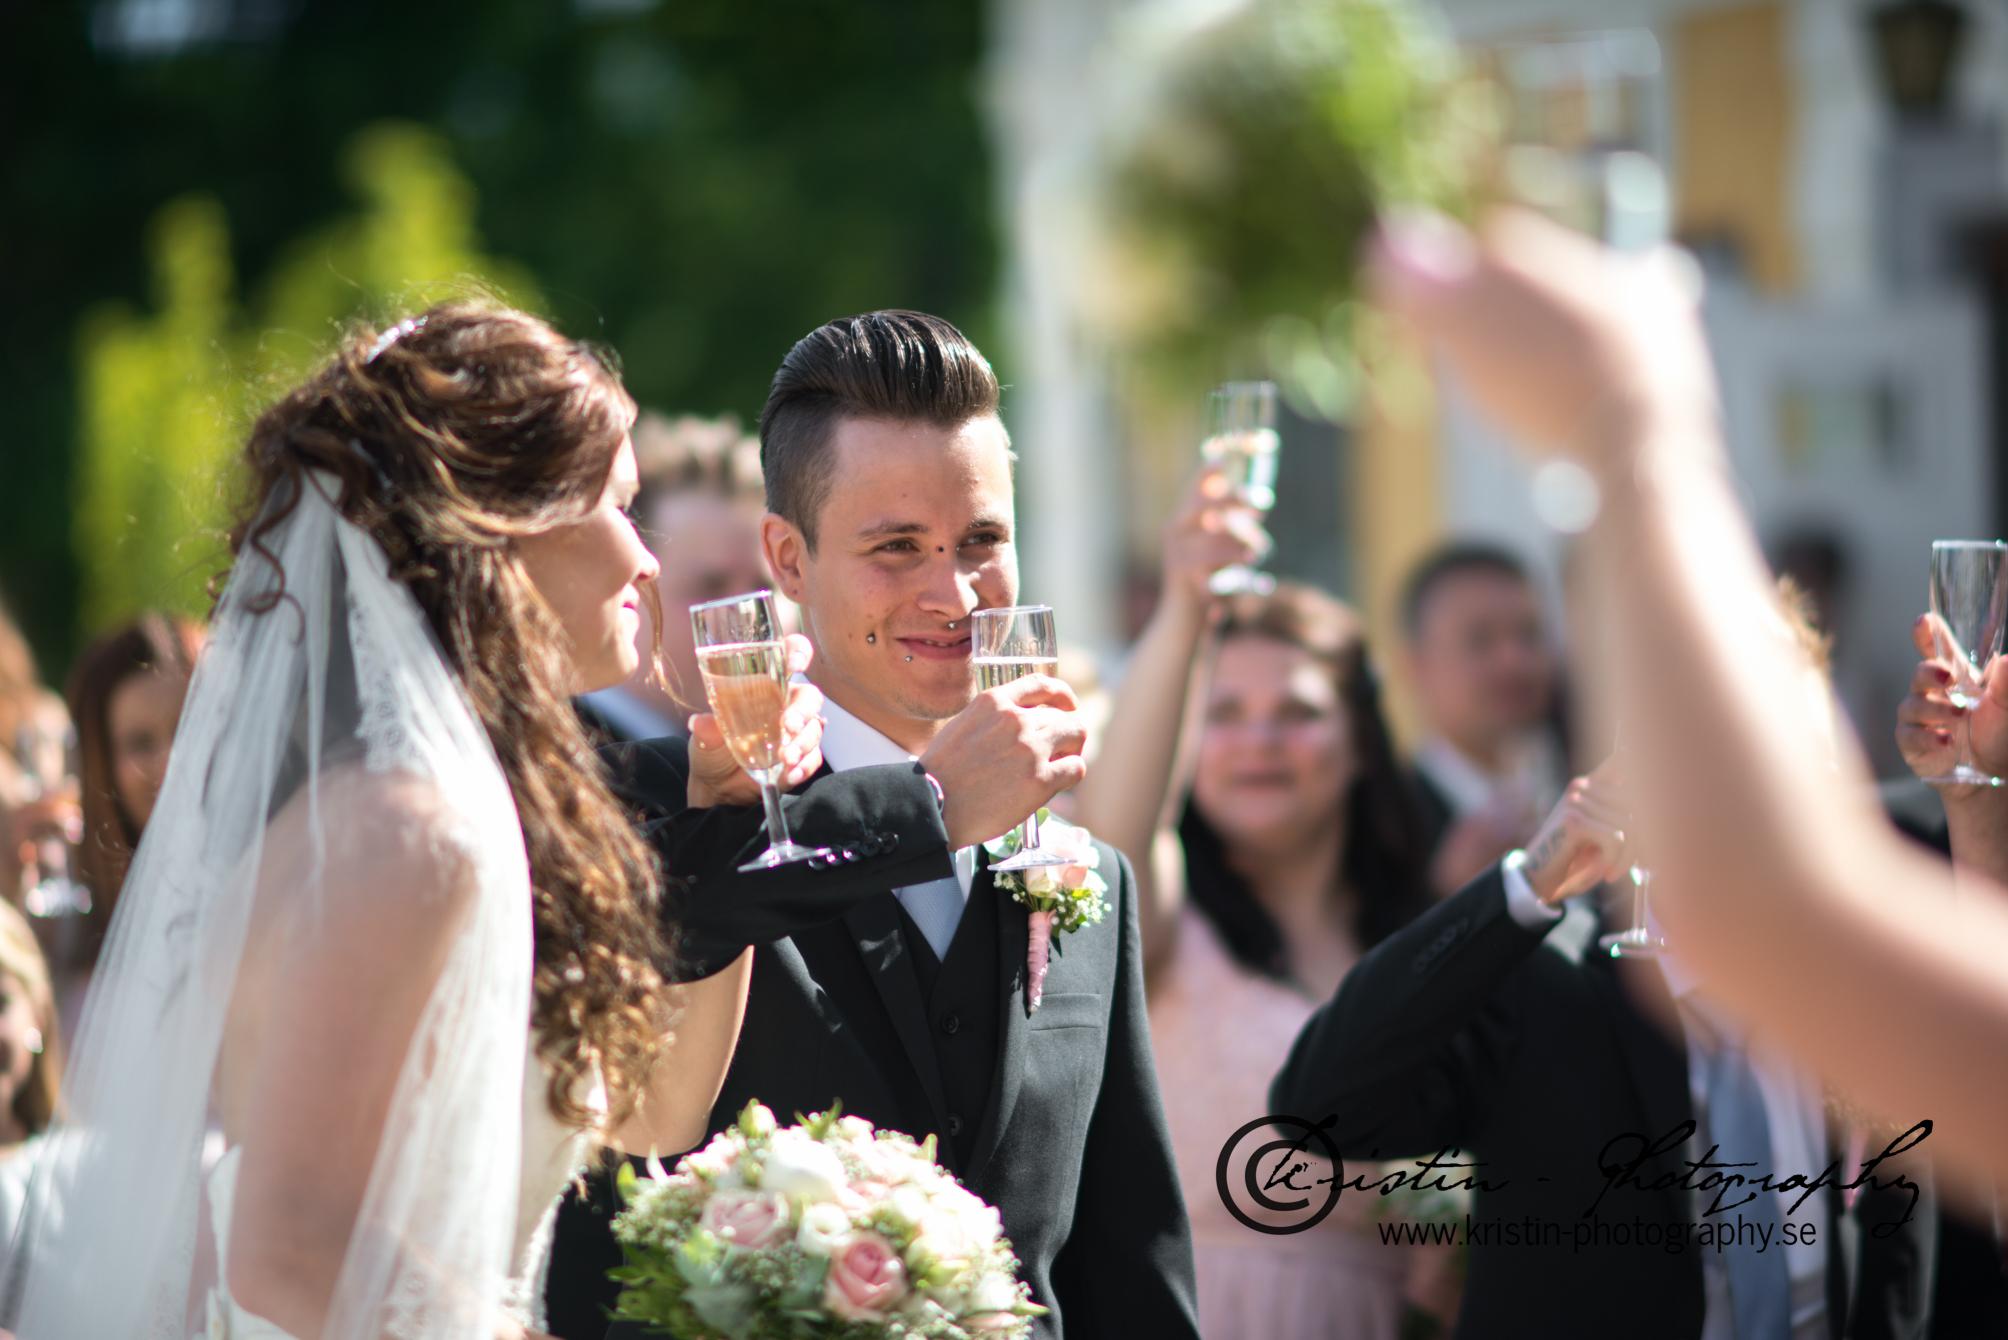 Bröllopsfotograf i Eskilstuna, Kristin - Photography, weddingphotographer -237.jpg